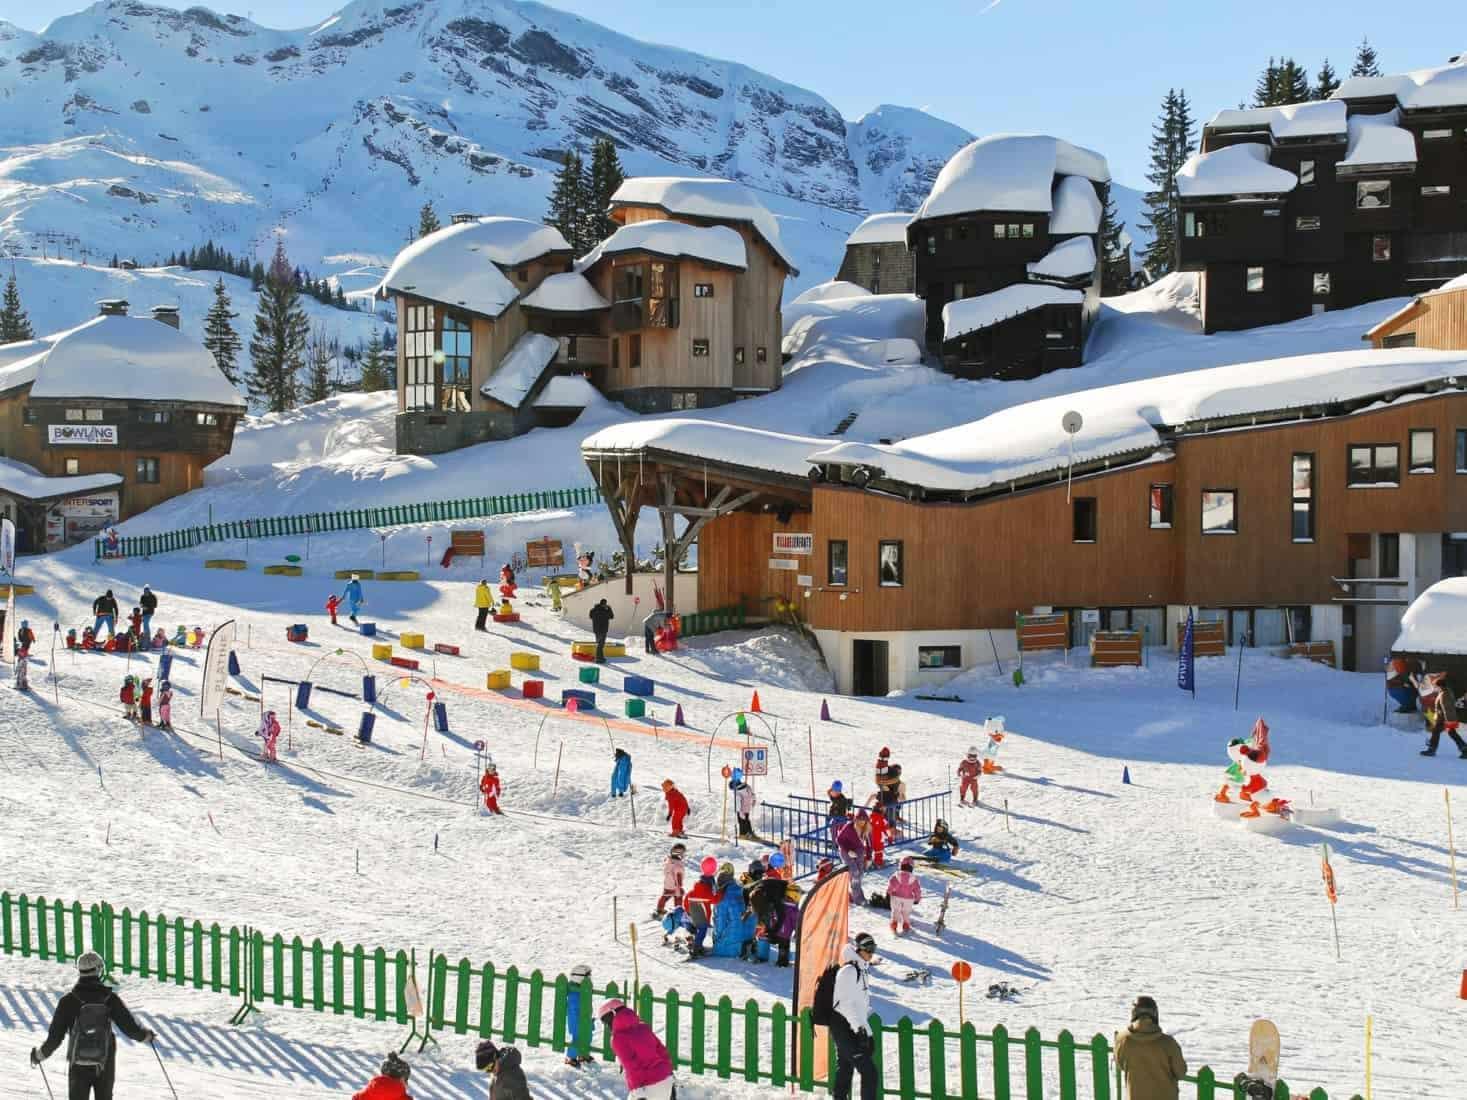 Ski children area in Avoriaz town in Alps, France